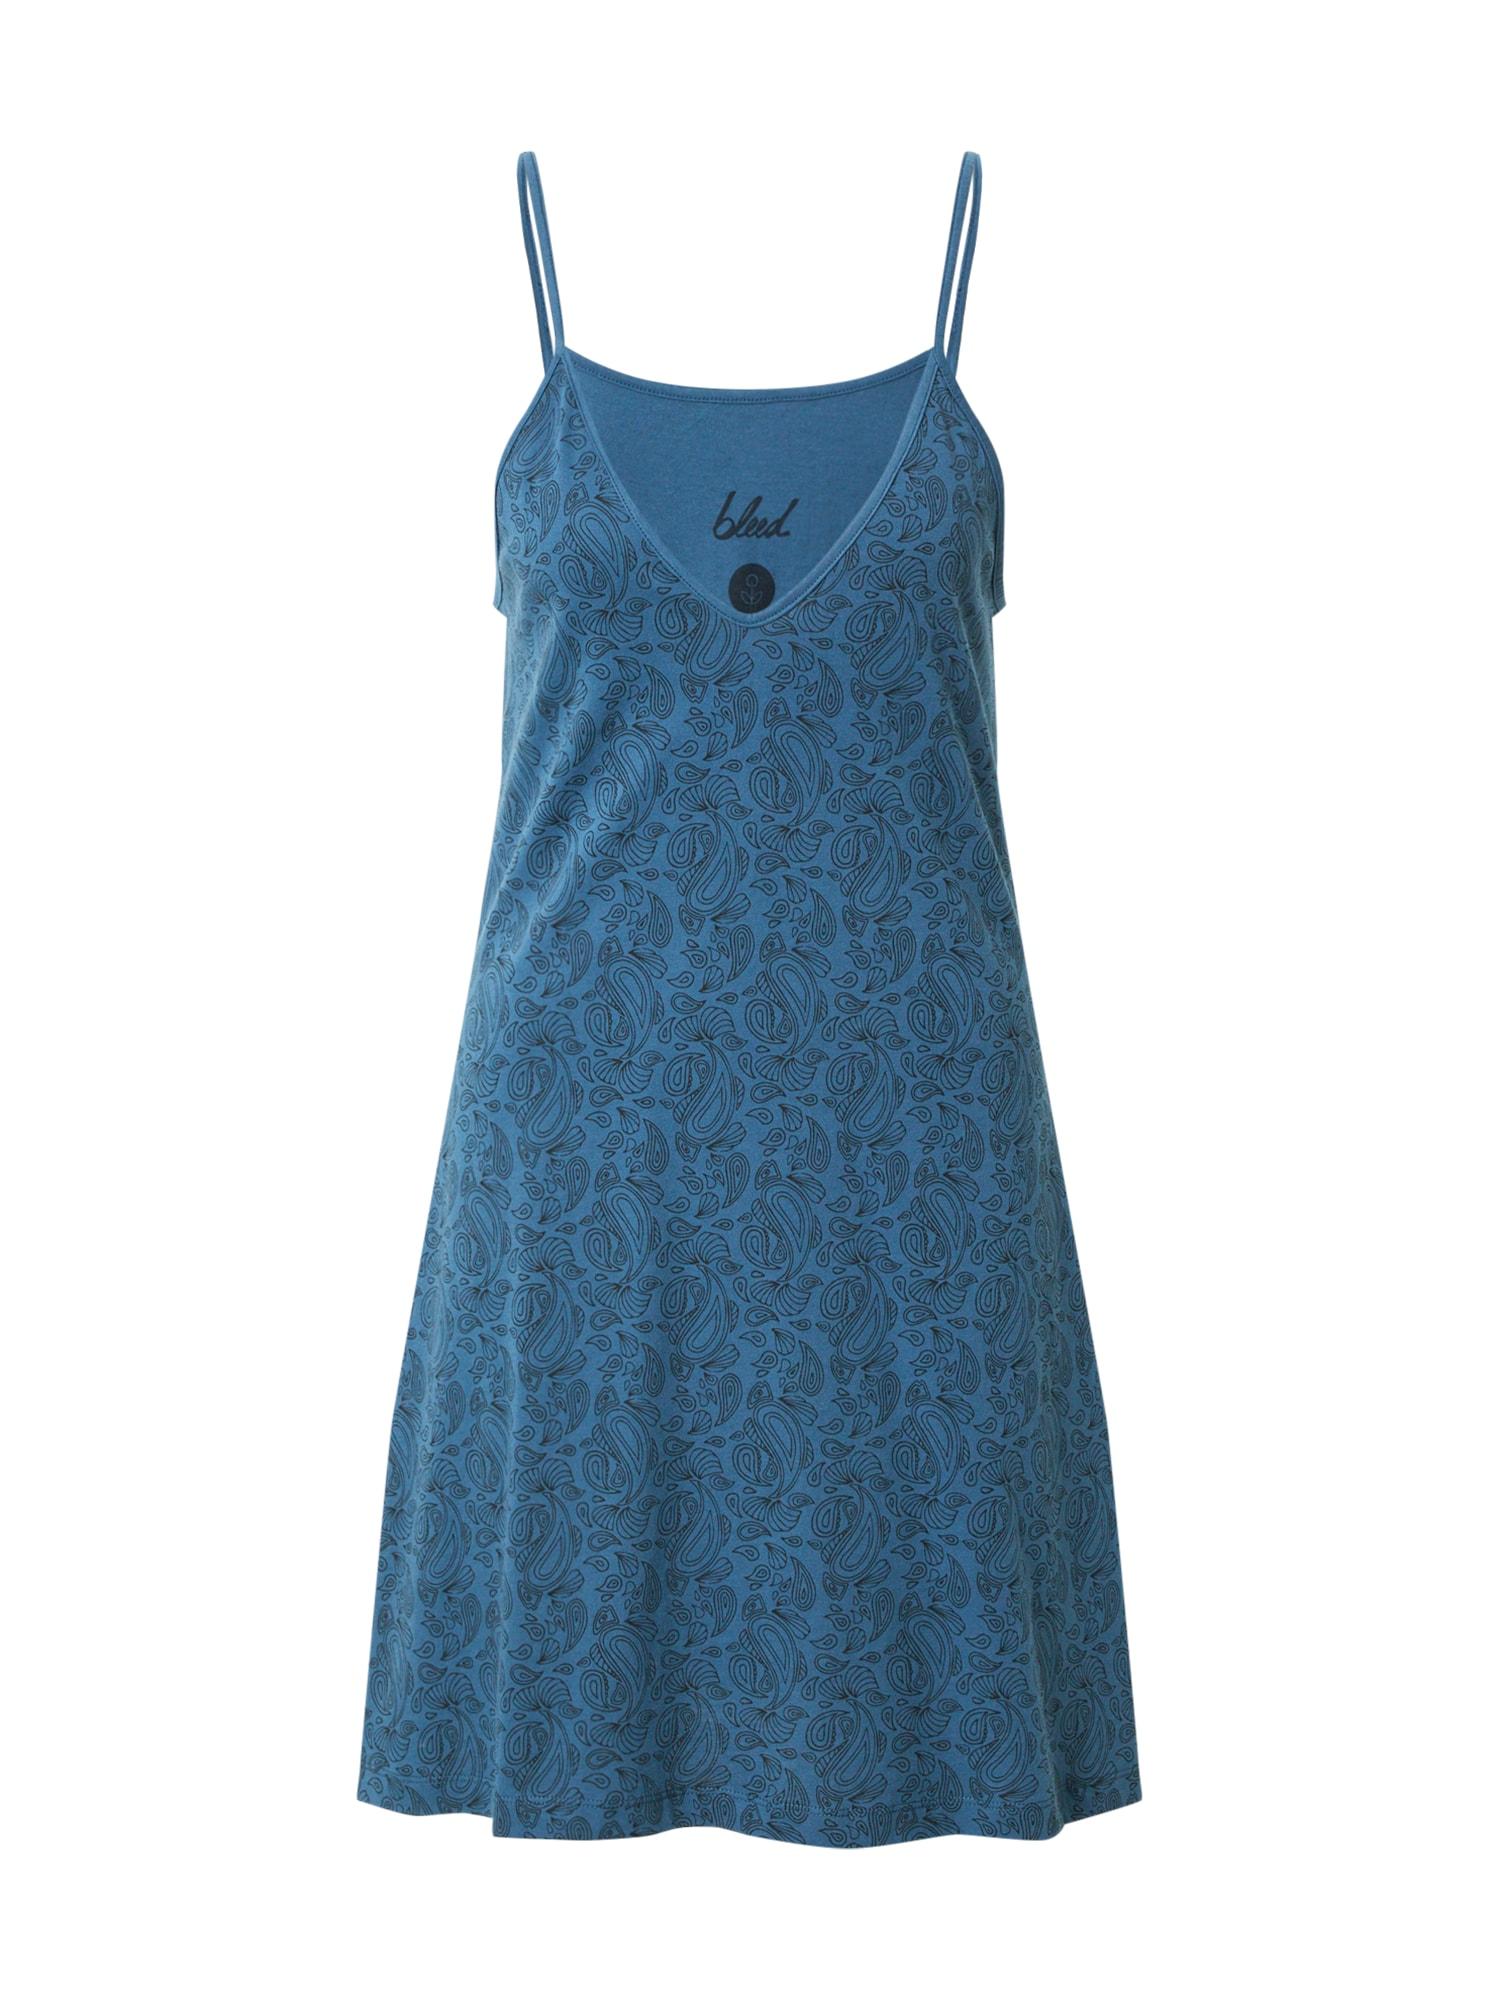 bleed clothing Suknelė pastelinė mėlyna / juoda